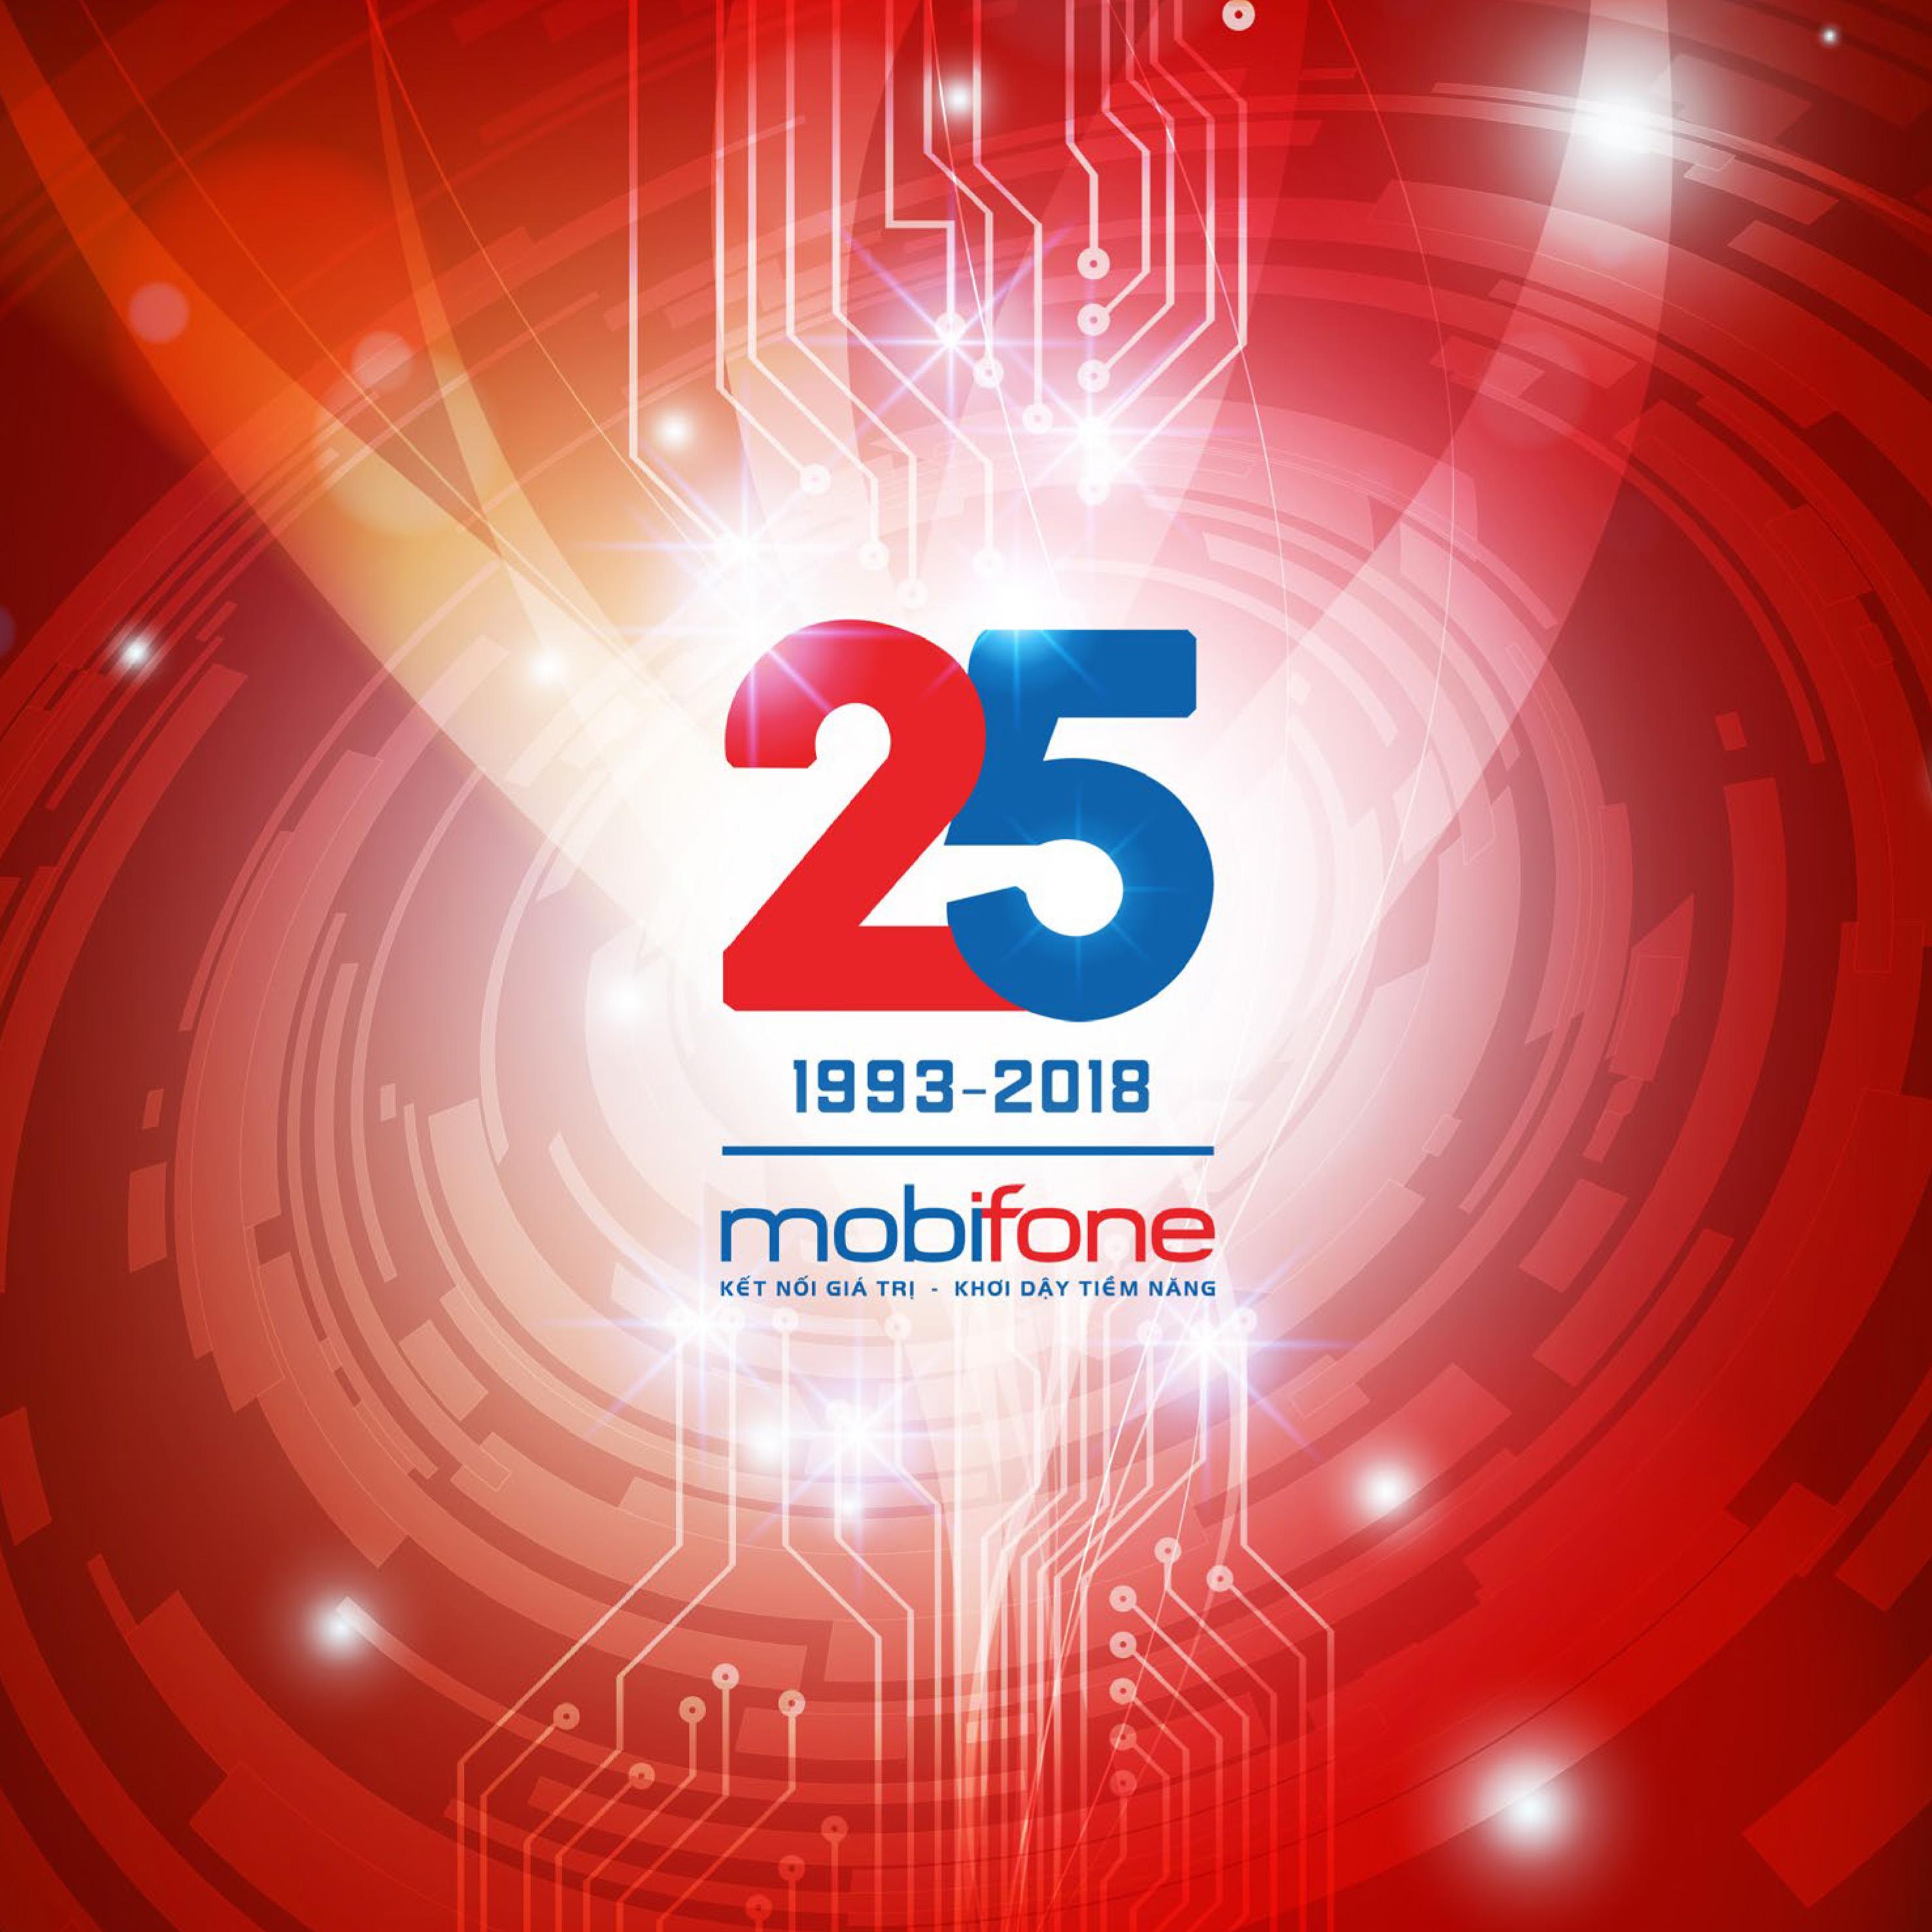 Kỷ niệm sinh nhật theo cách người MobiFone